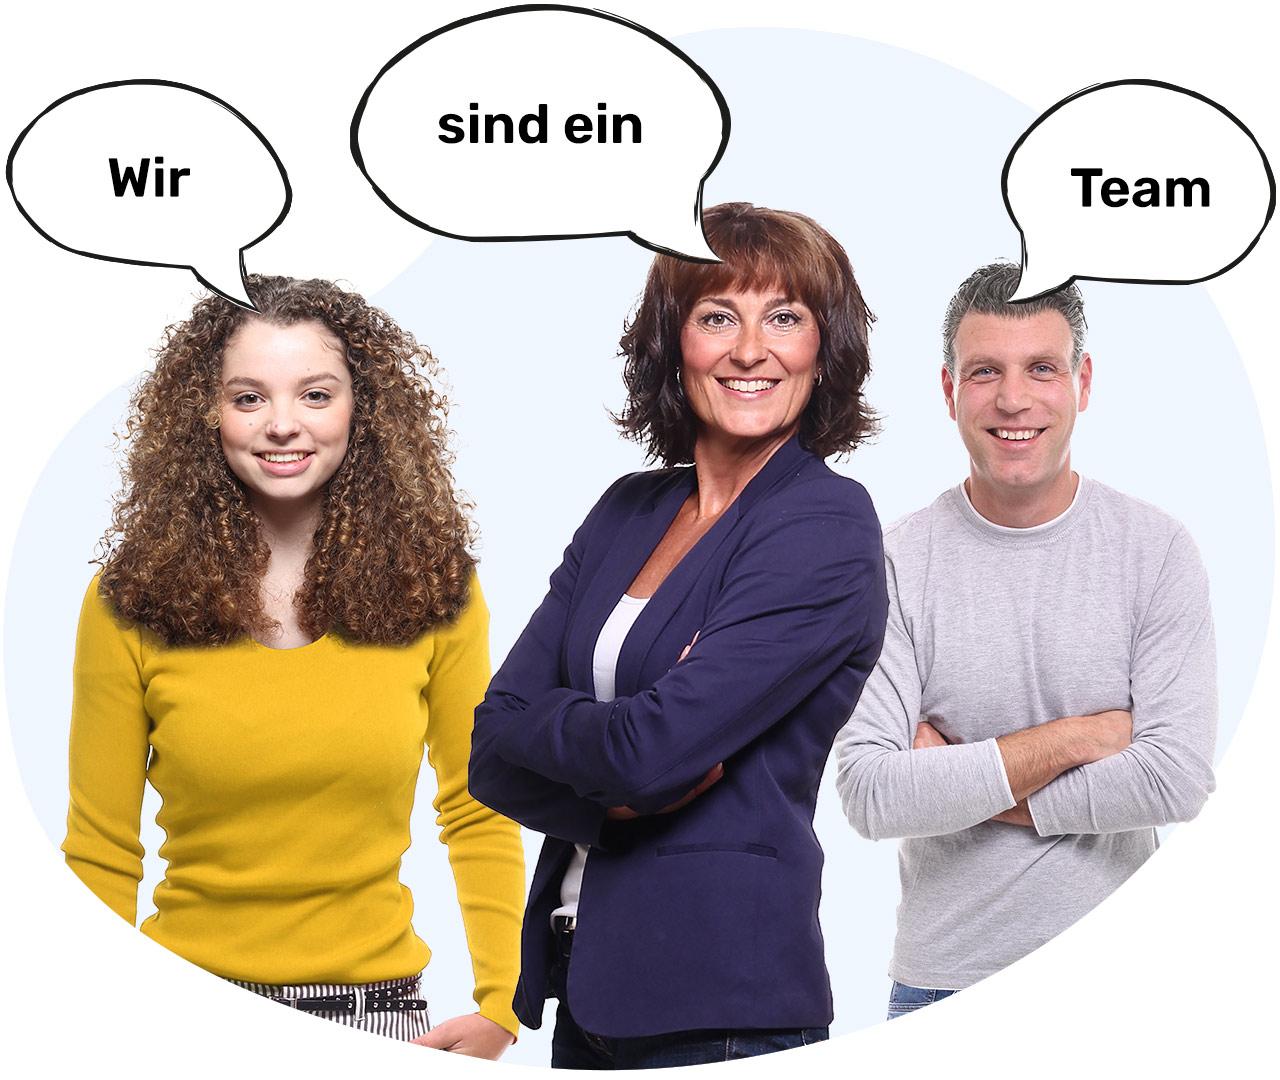 tzoum-impsulse-familienunternehmen